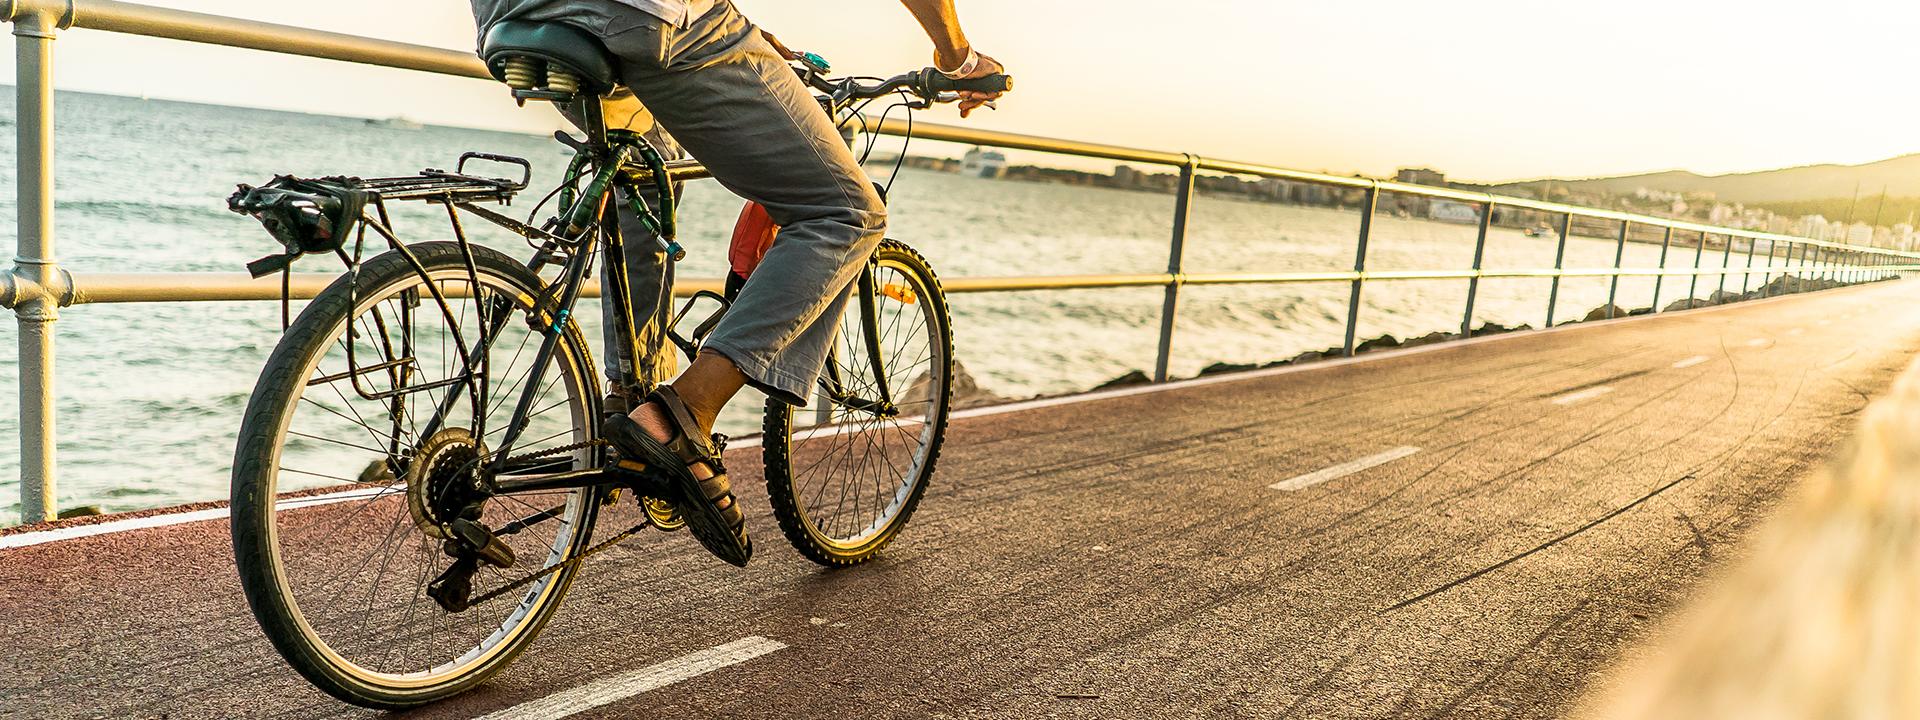 Фото гибридного велосипеда на набережной